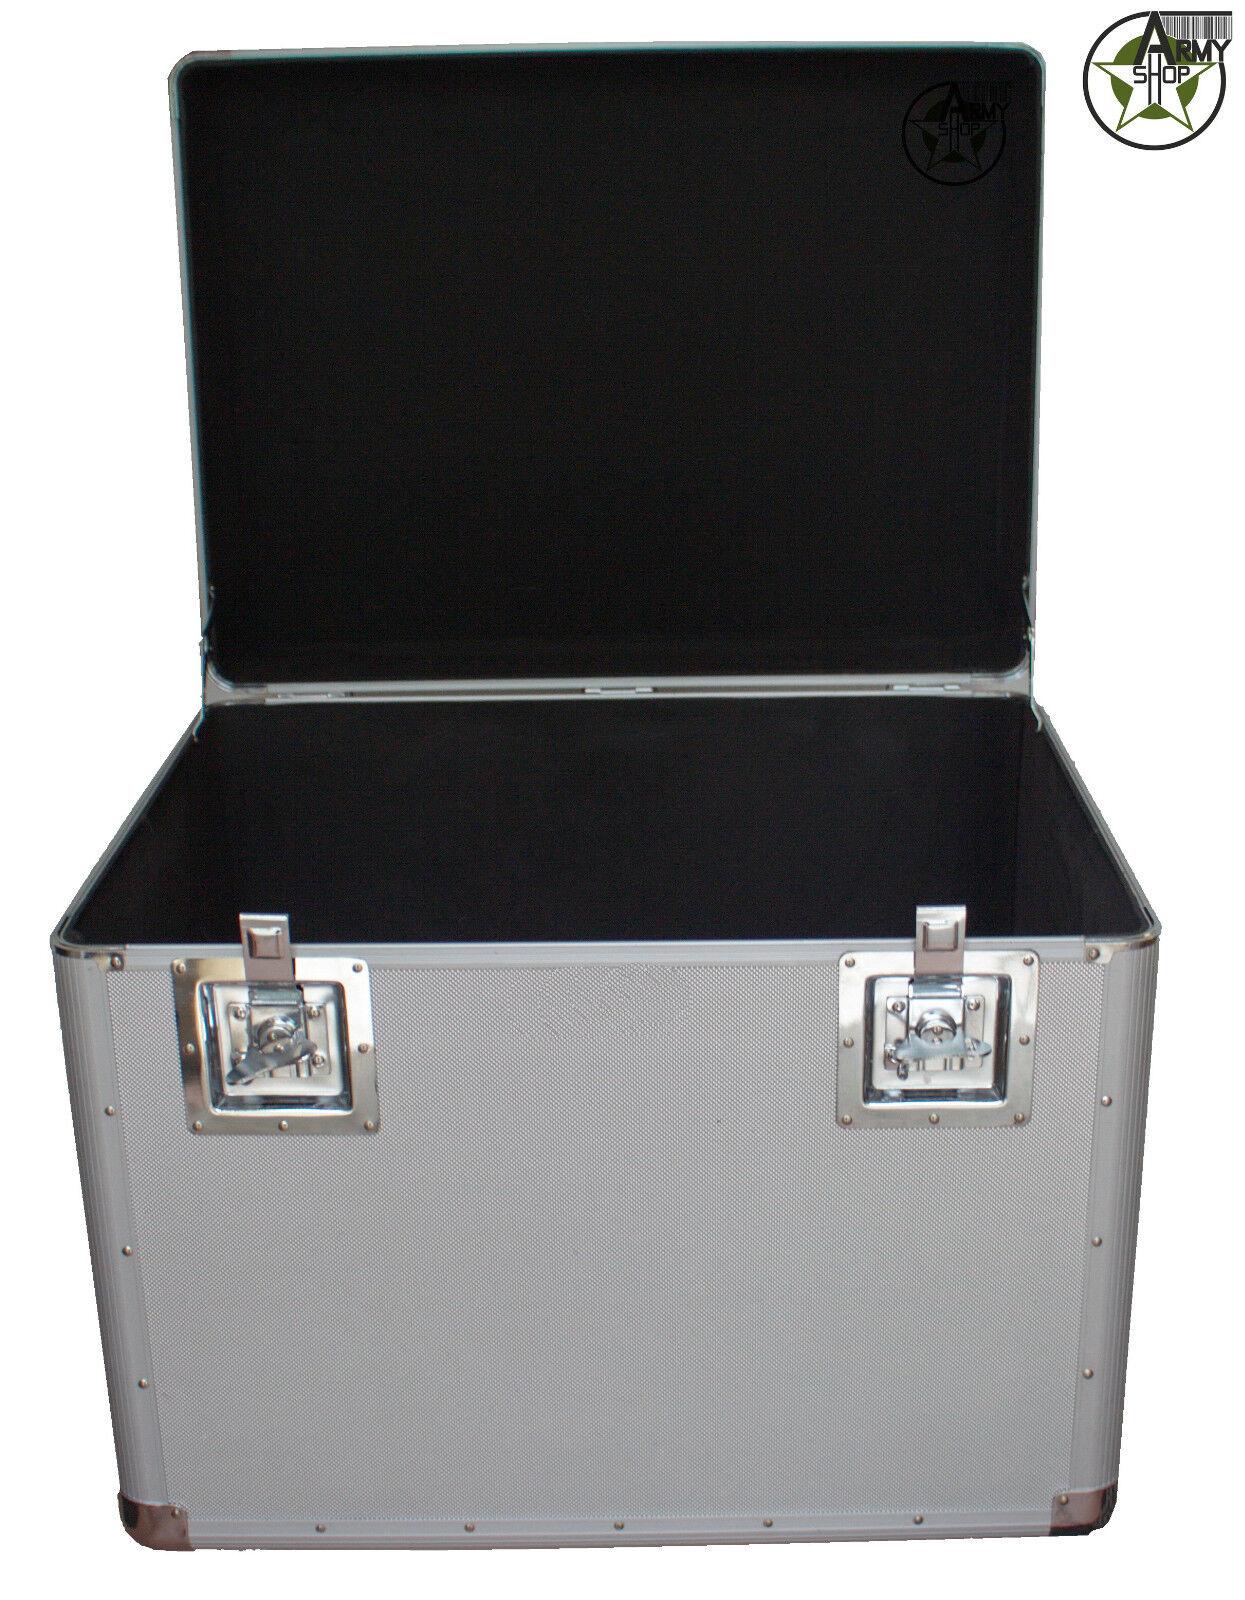 Werkzeugkiste für Camping Box Transportbox Kasten Transportkiste Transportkiste Box XL